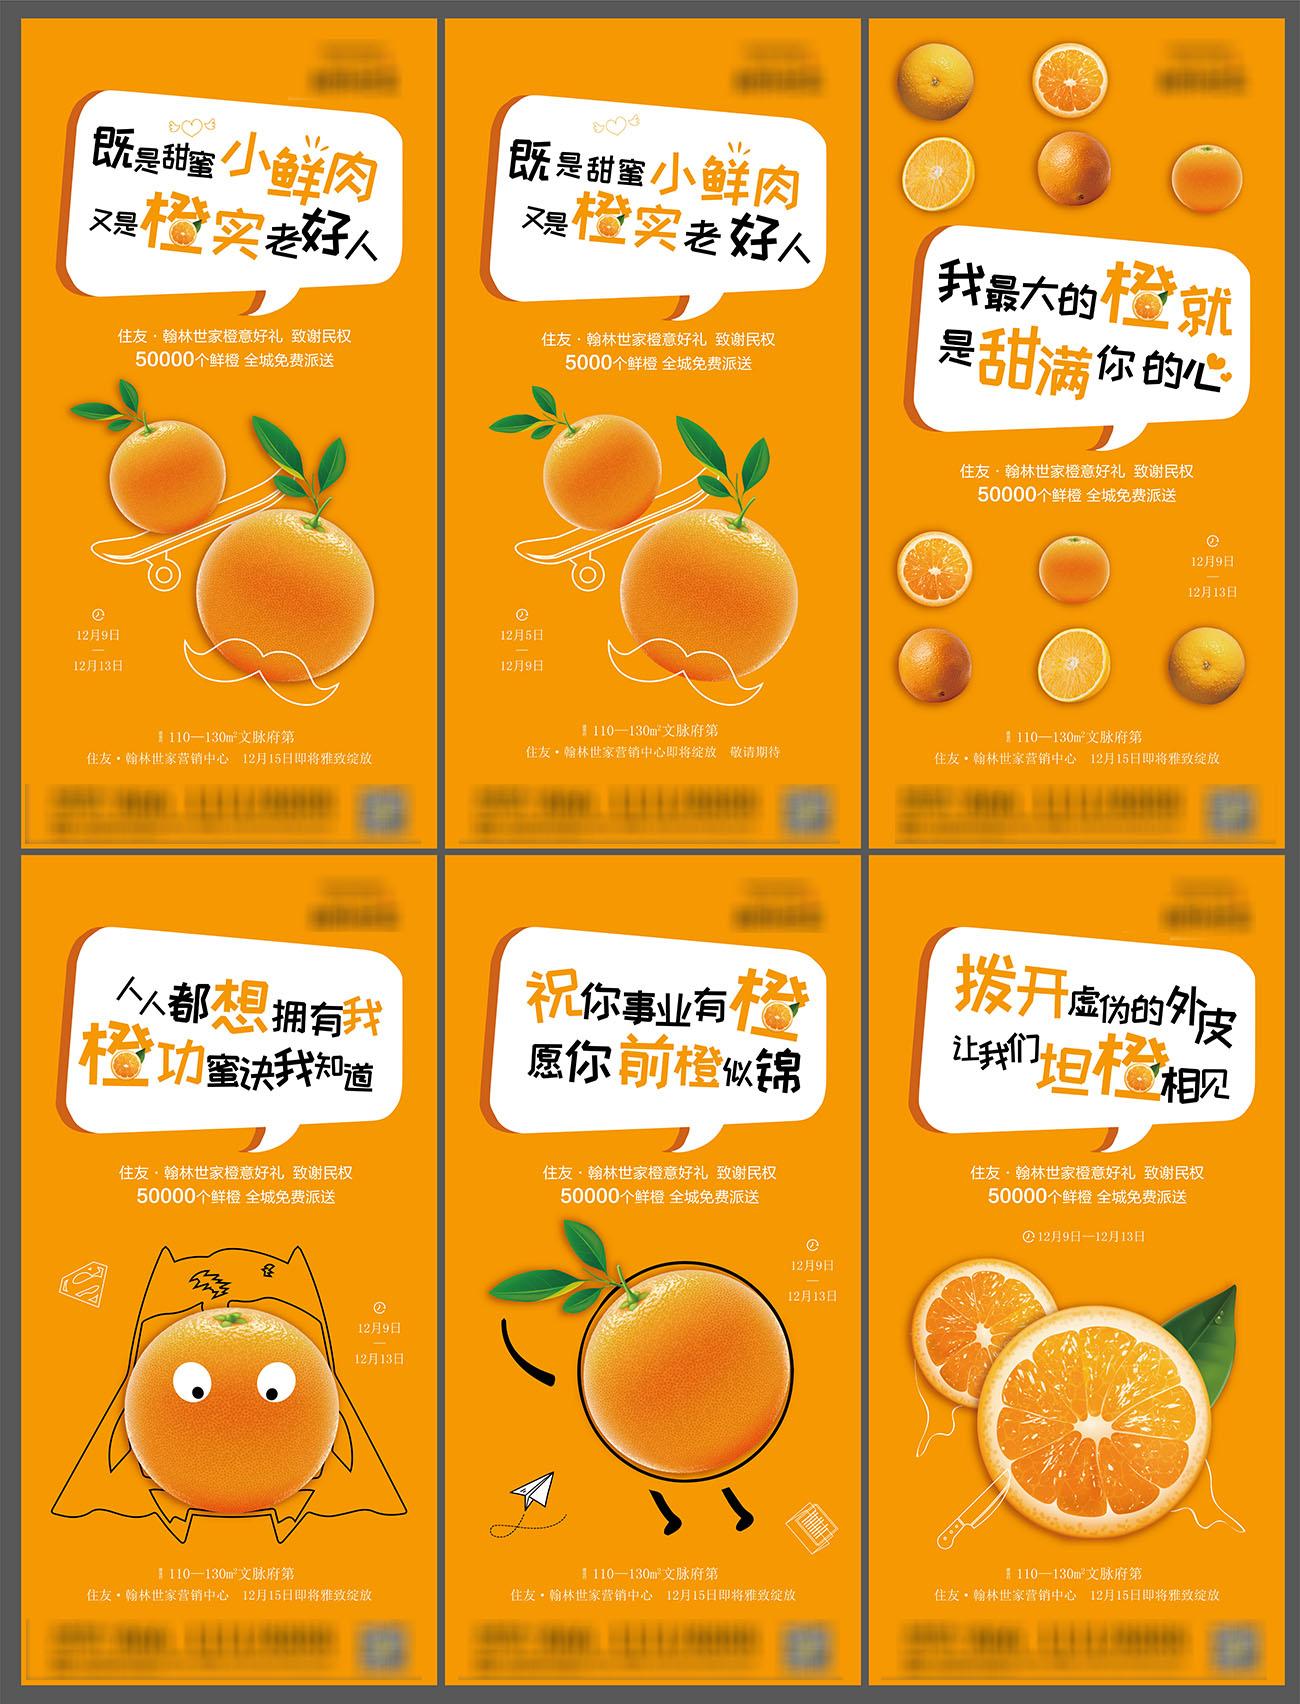 地产橙子活动刷屏海报AI源文件插图